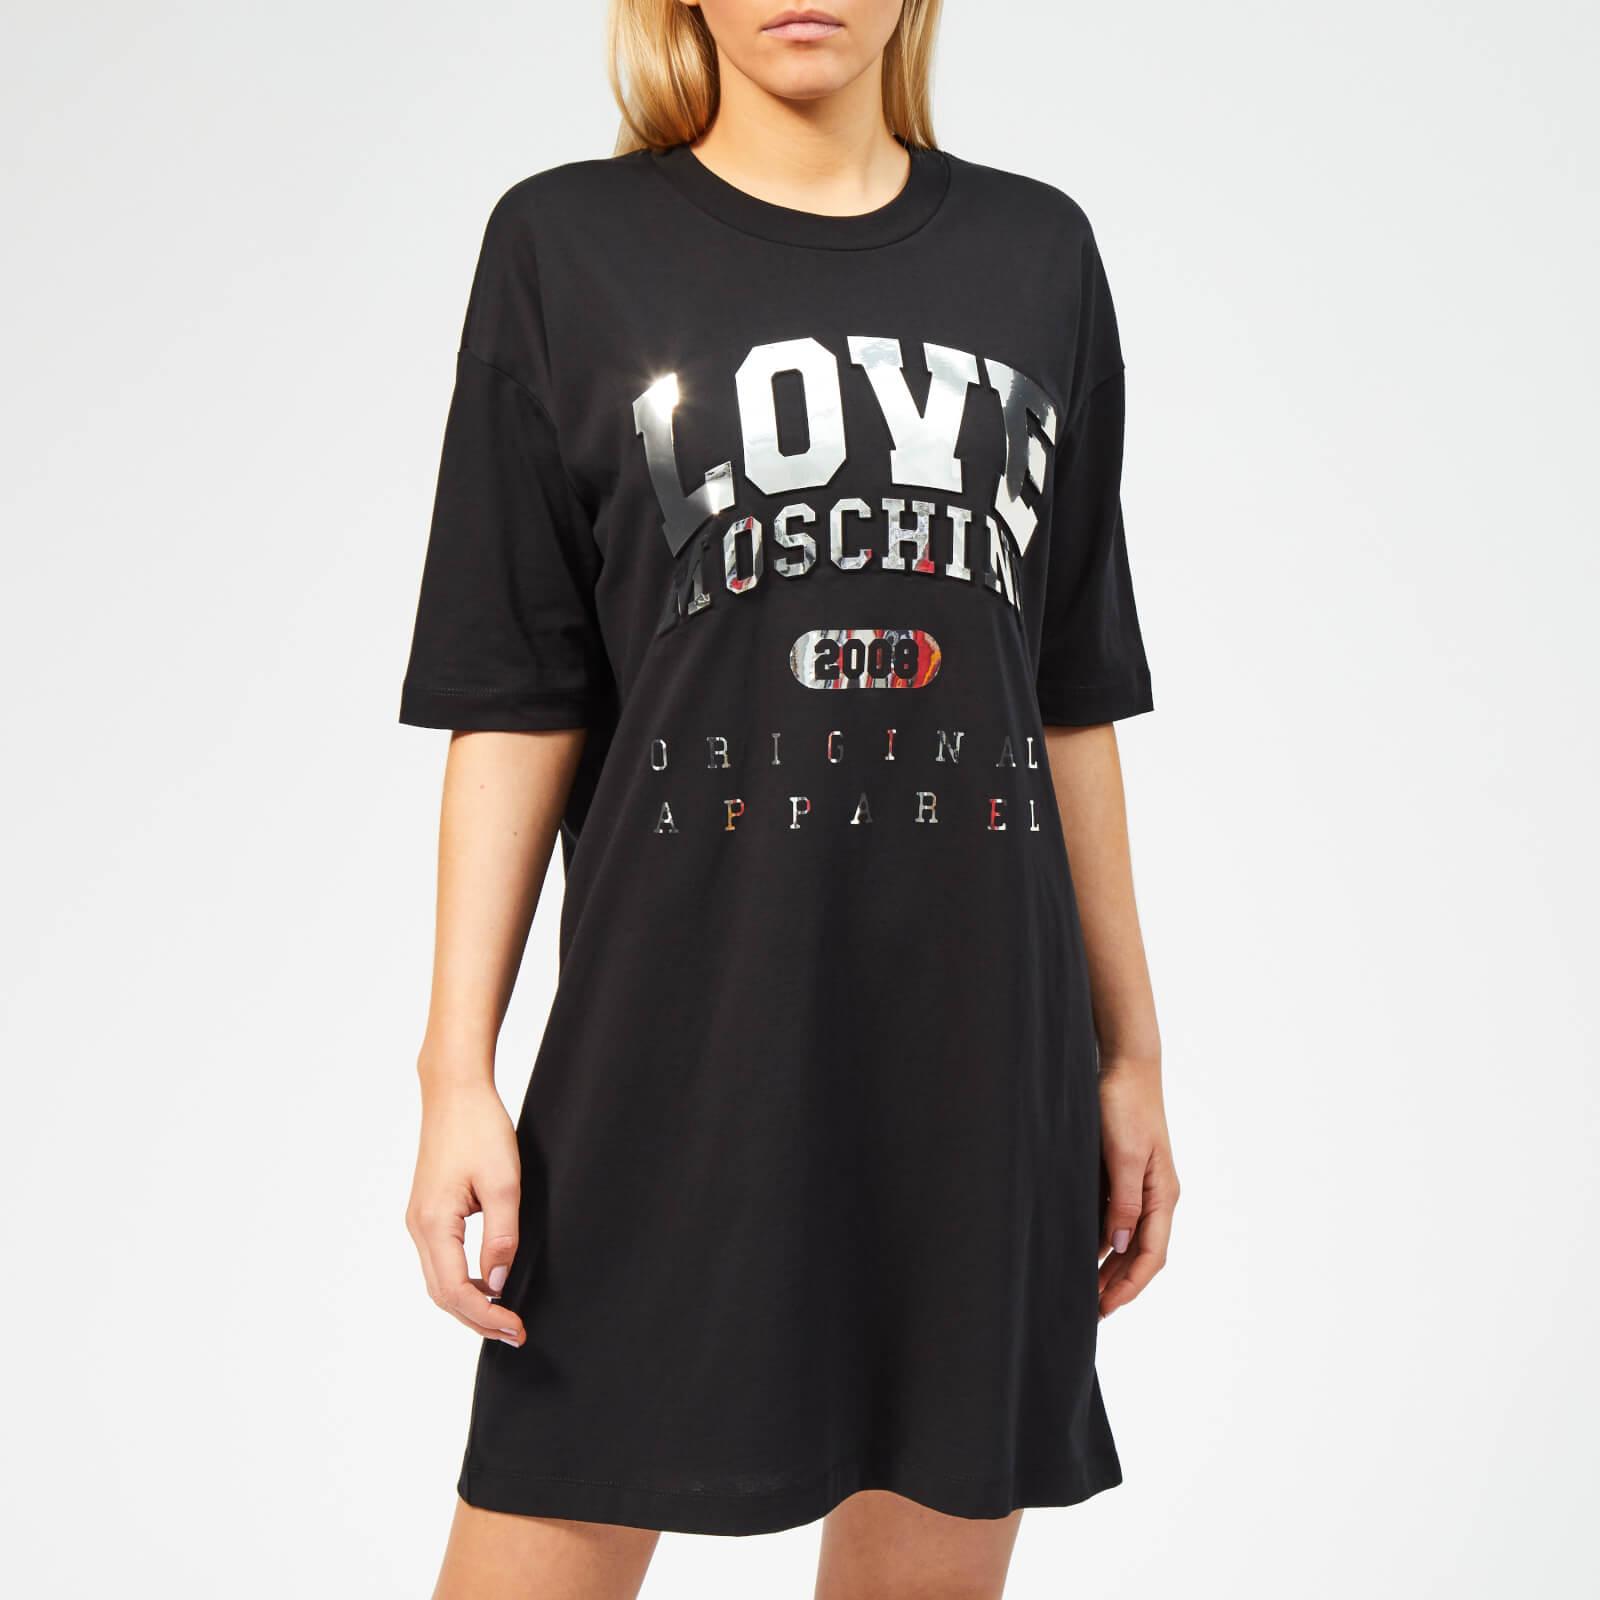 Moschino Love Moschino Women's Logo Embossed T-Shirt Dress - Black - IT 42/UK 10 - Black